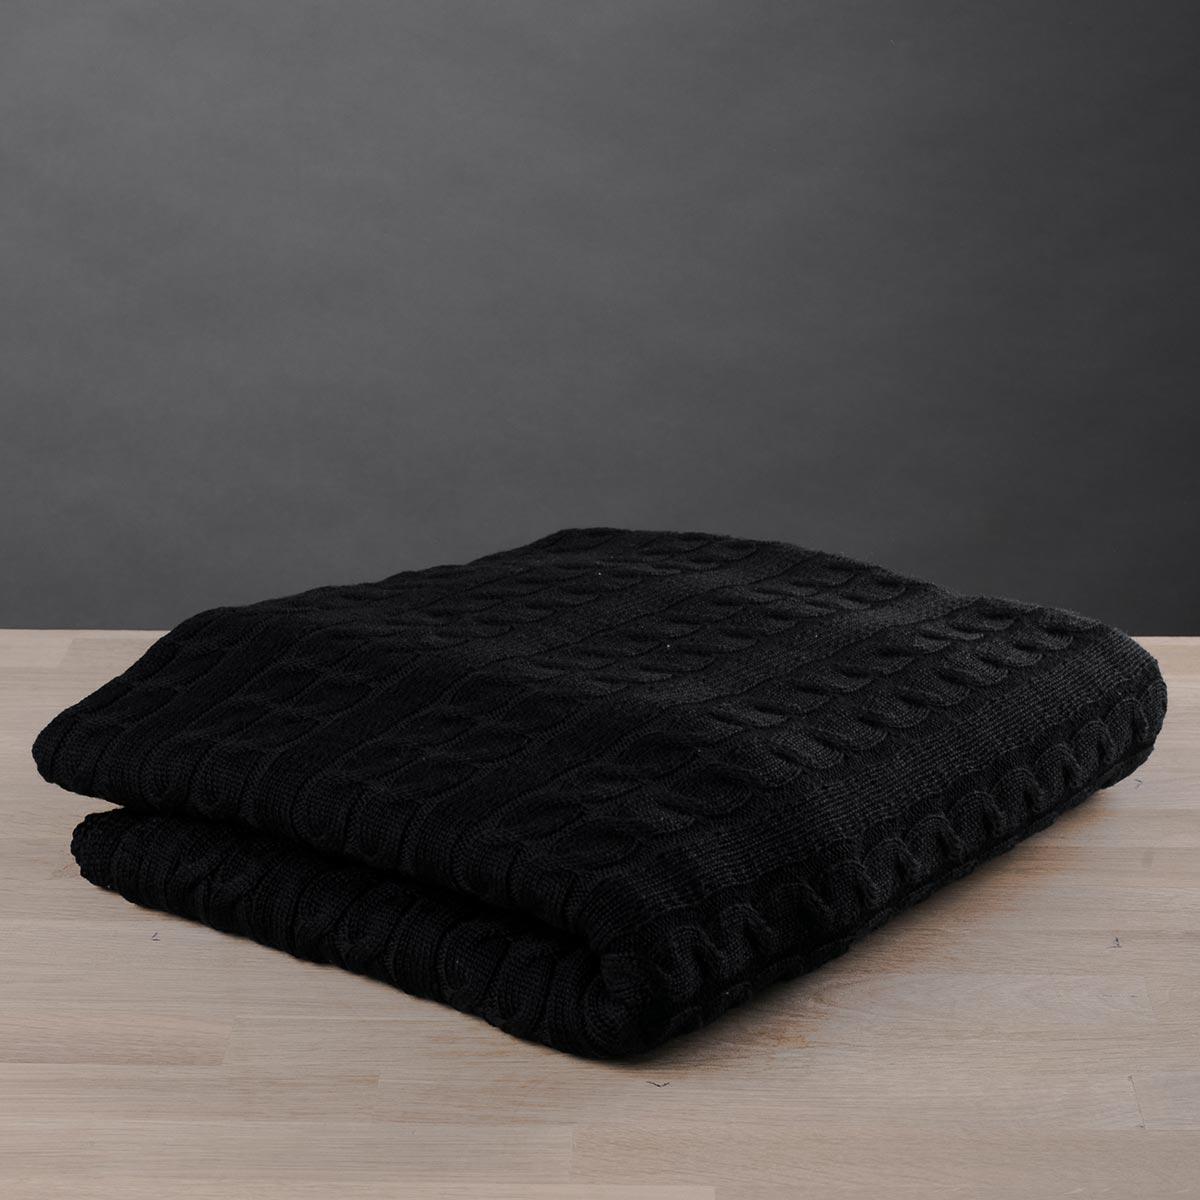 Κουβέρτα Καναπέ Πλεκτή White Fabric Old Navy Black